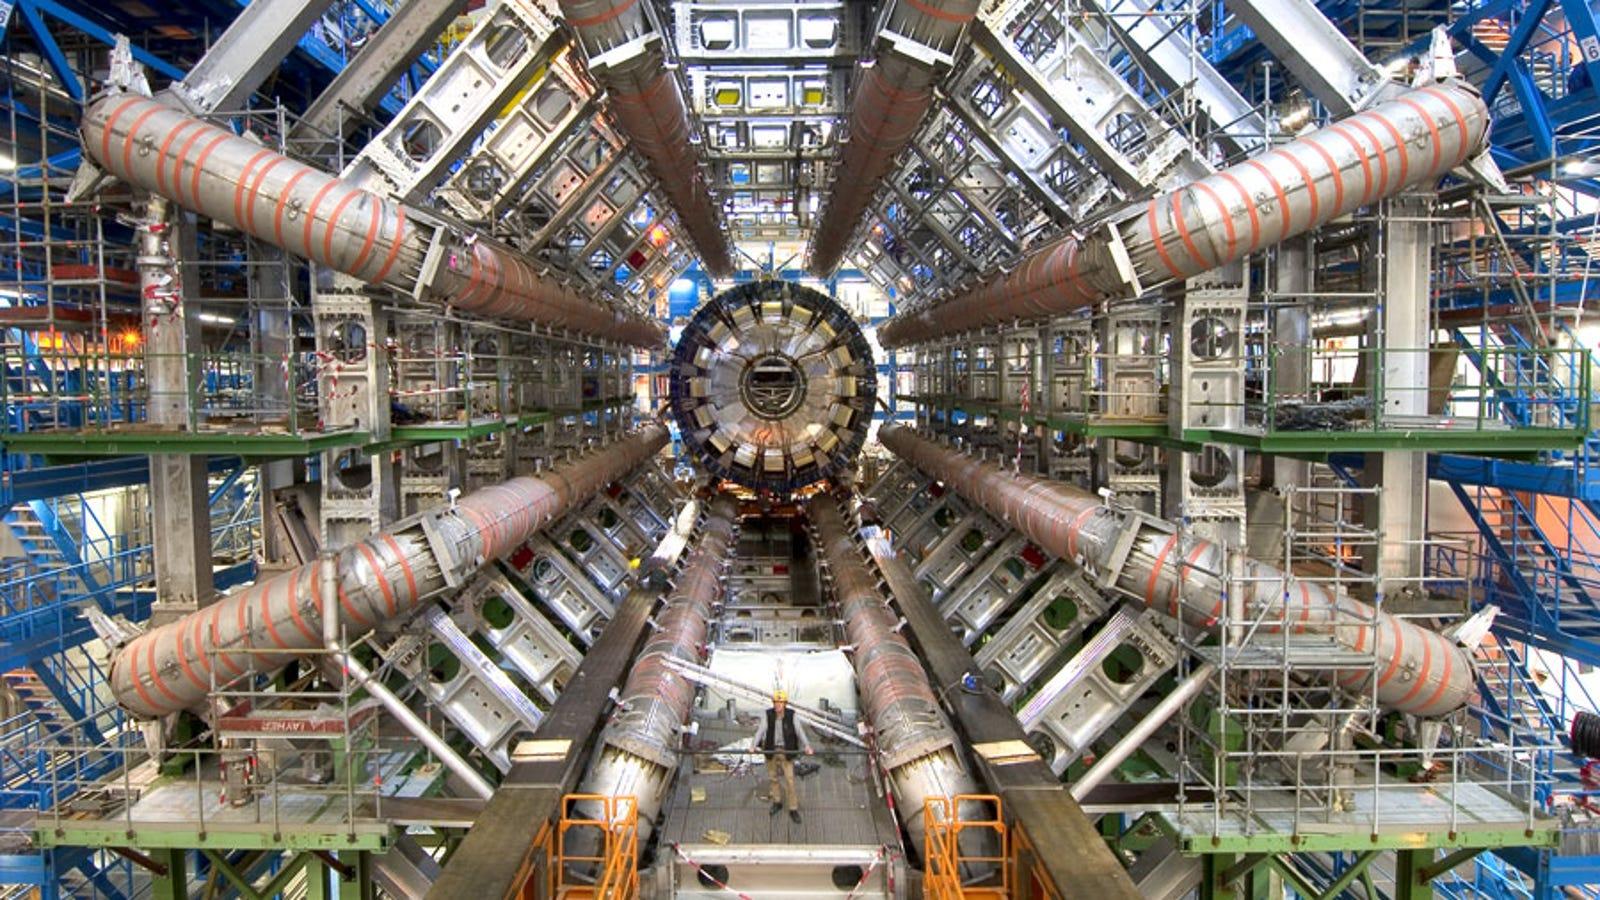 Date un paseo virtual por dentro del LHC, el acelerador de partículas más grande del mundo